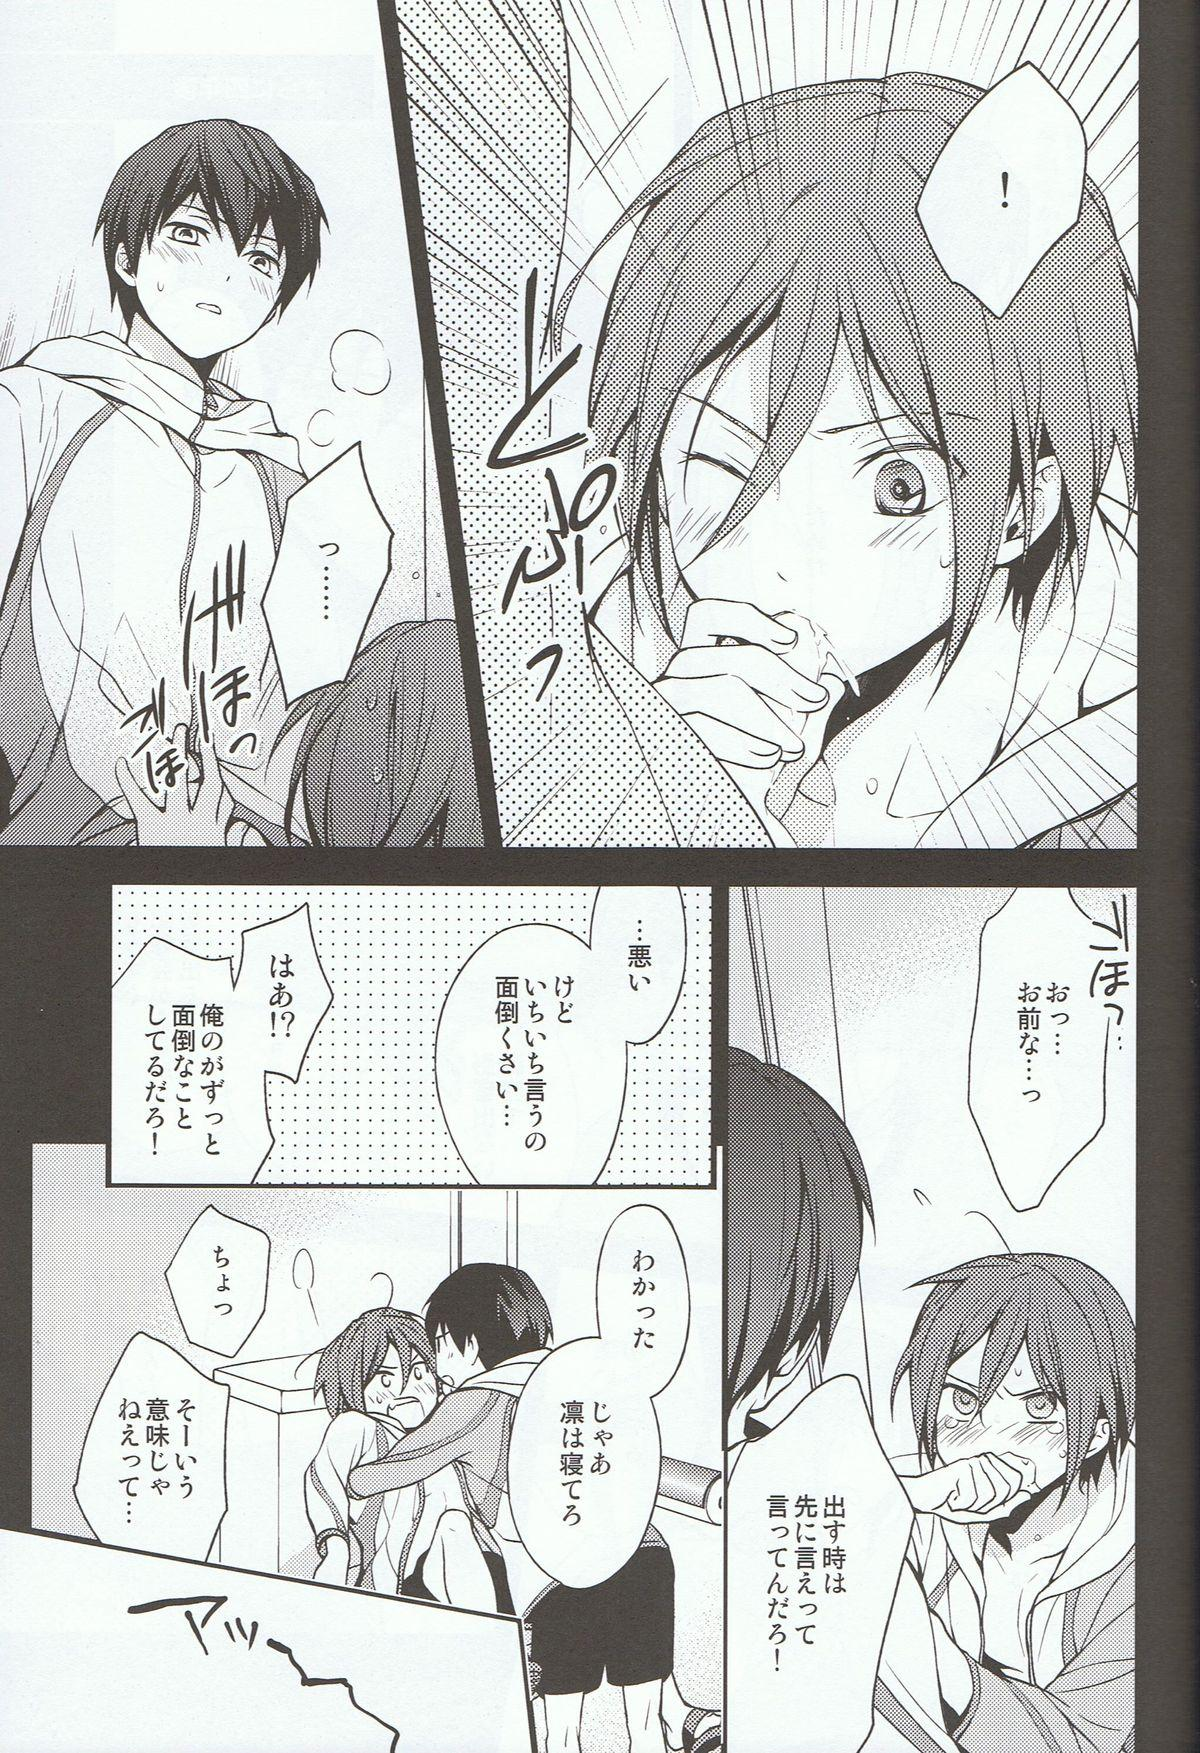 Nitori-kun no Mousou Nikki 17